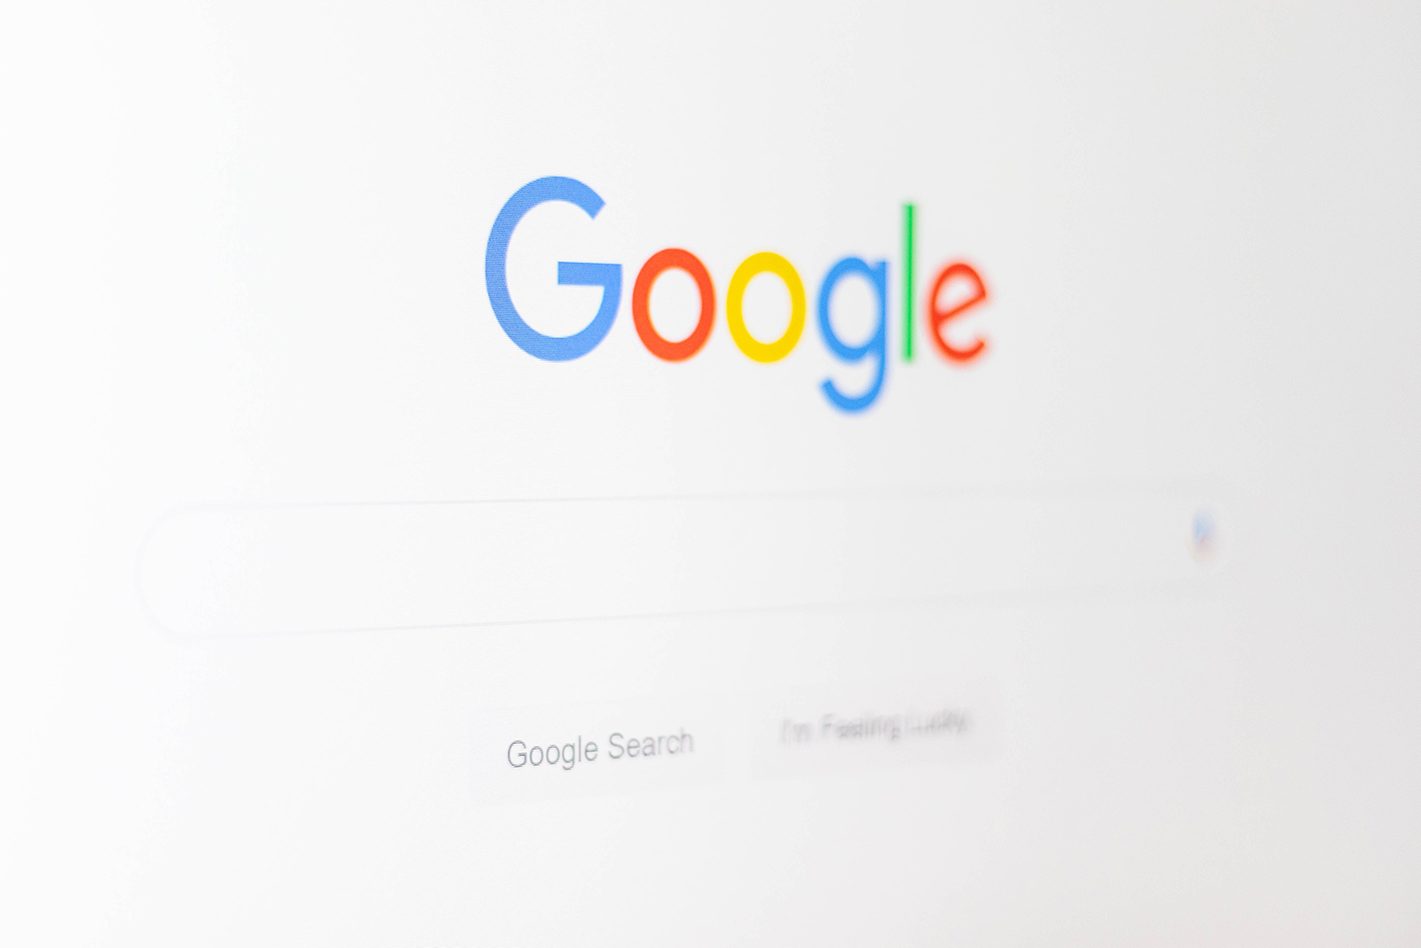 Afinal, o Google Ads influencia no SEO do site?